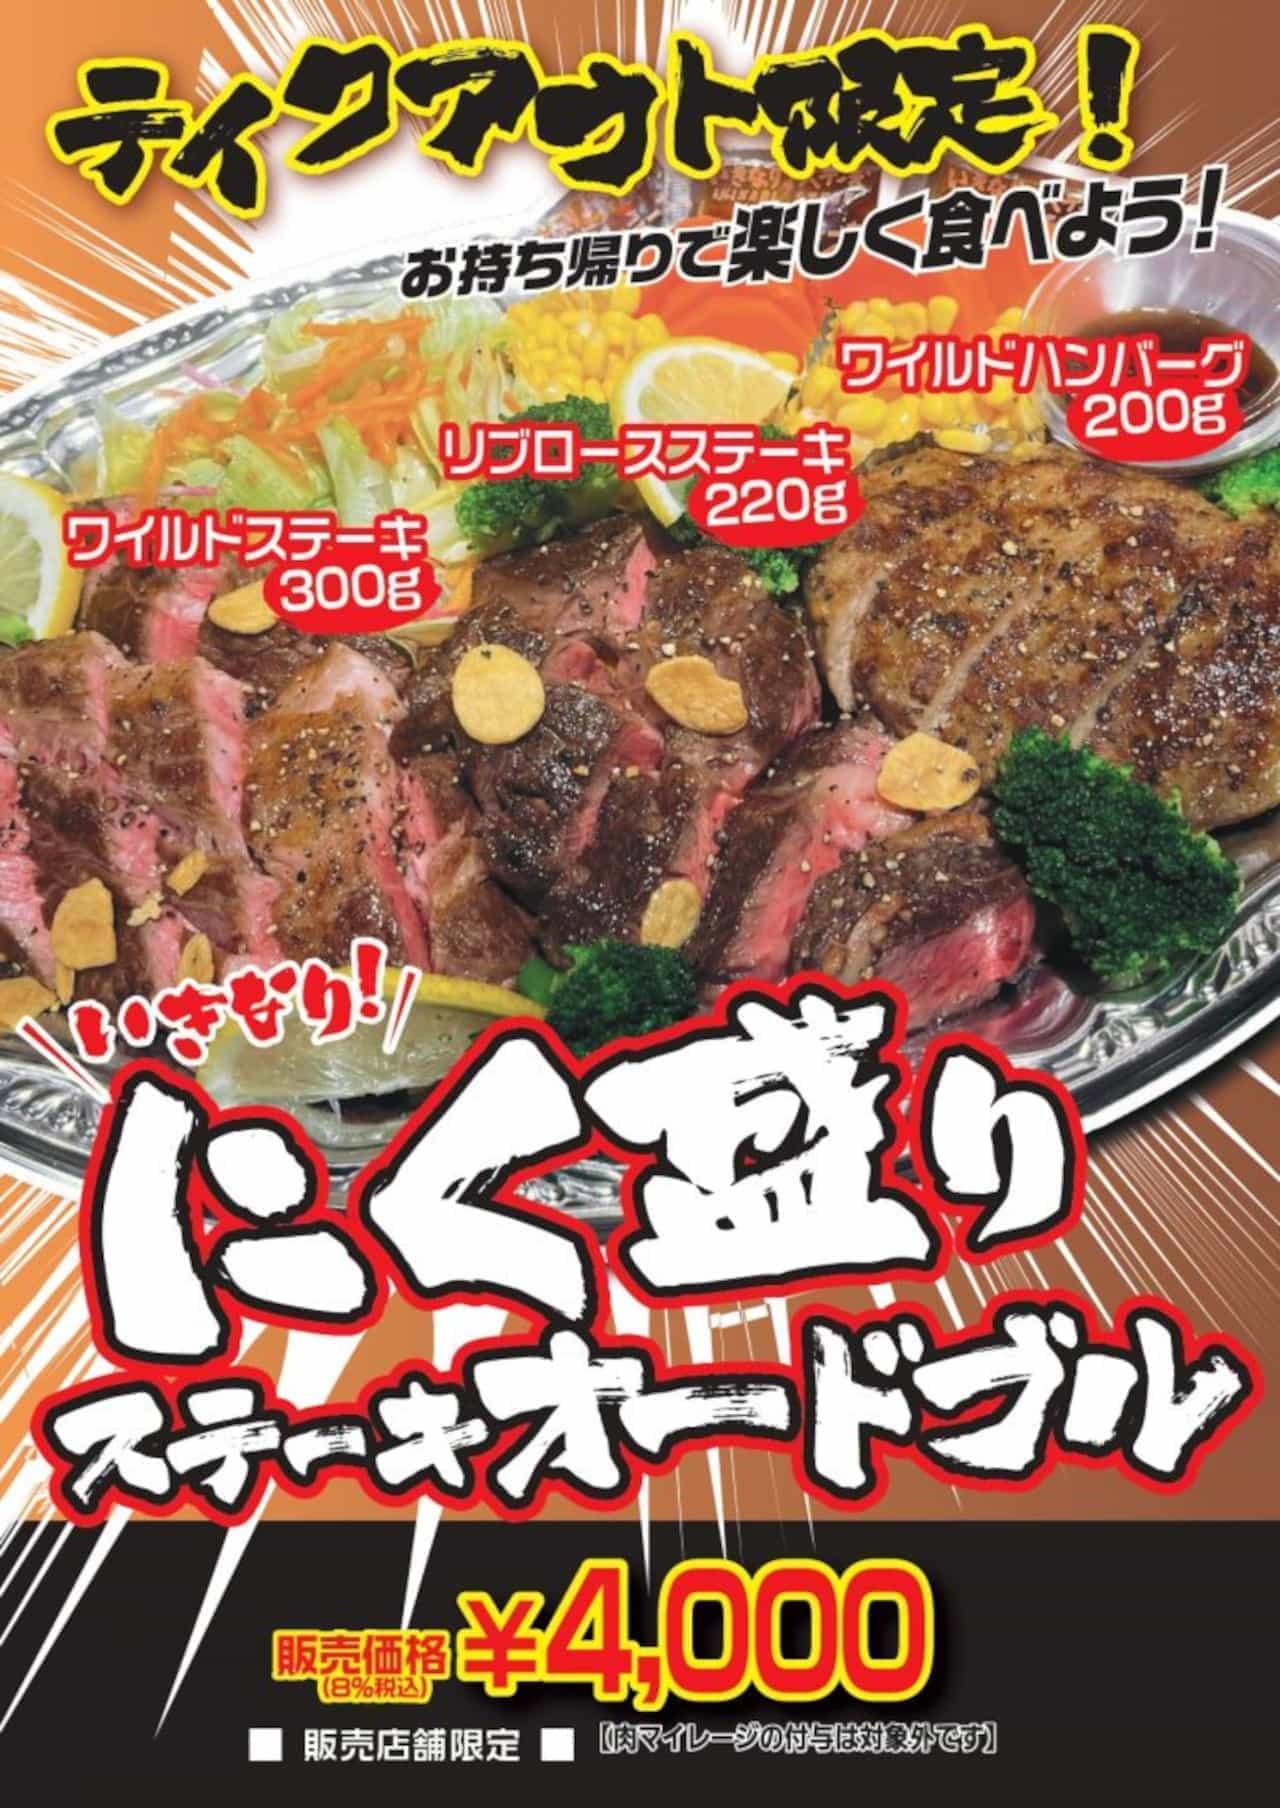 いきなり!ステーキ「にく盛りステーキオードブル」